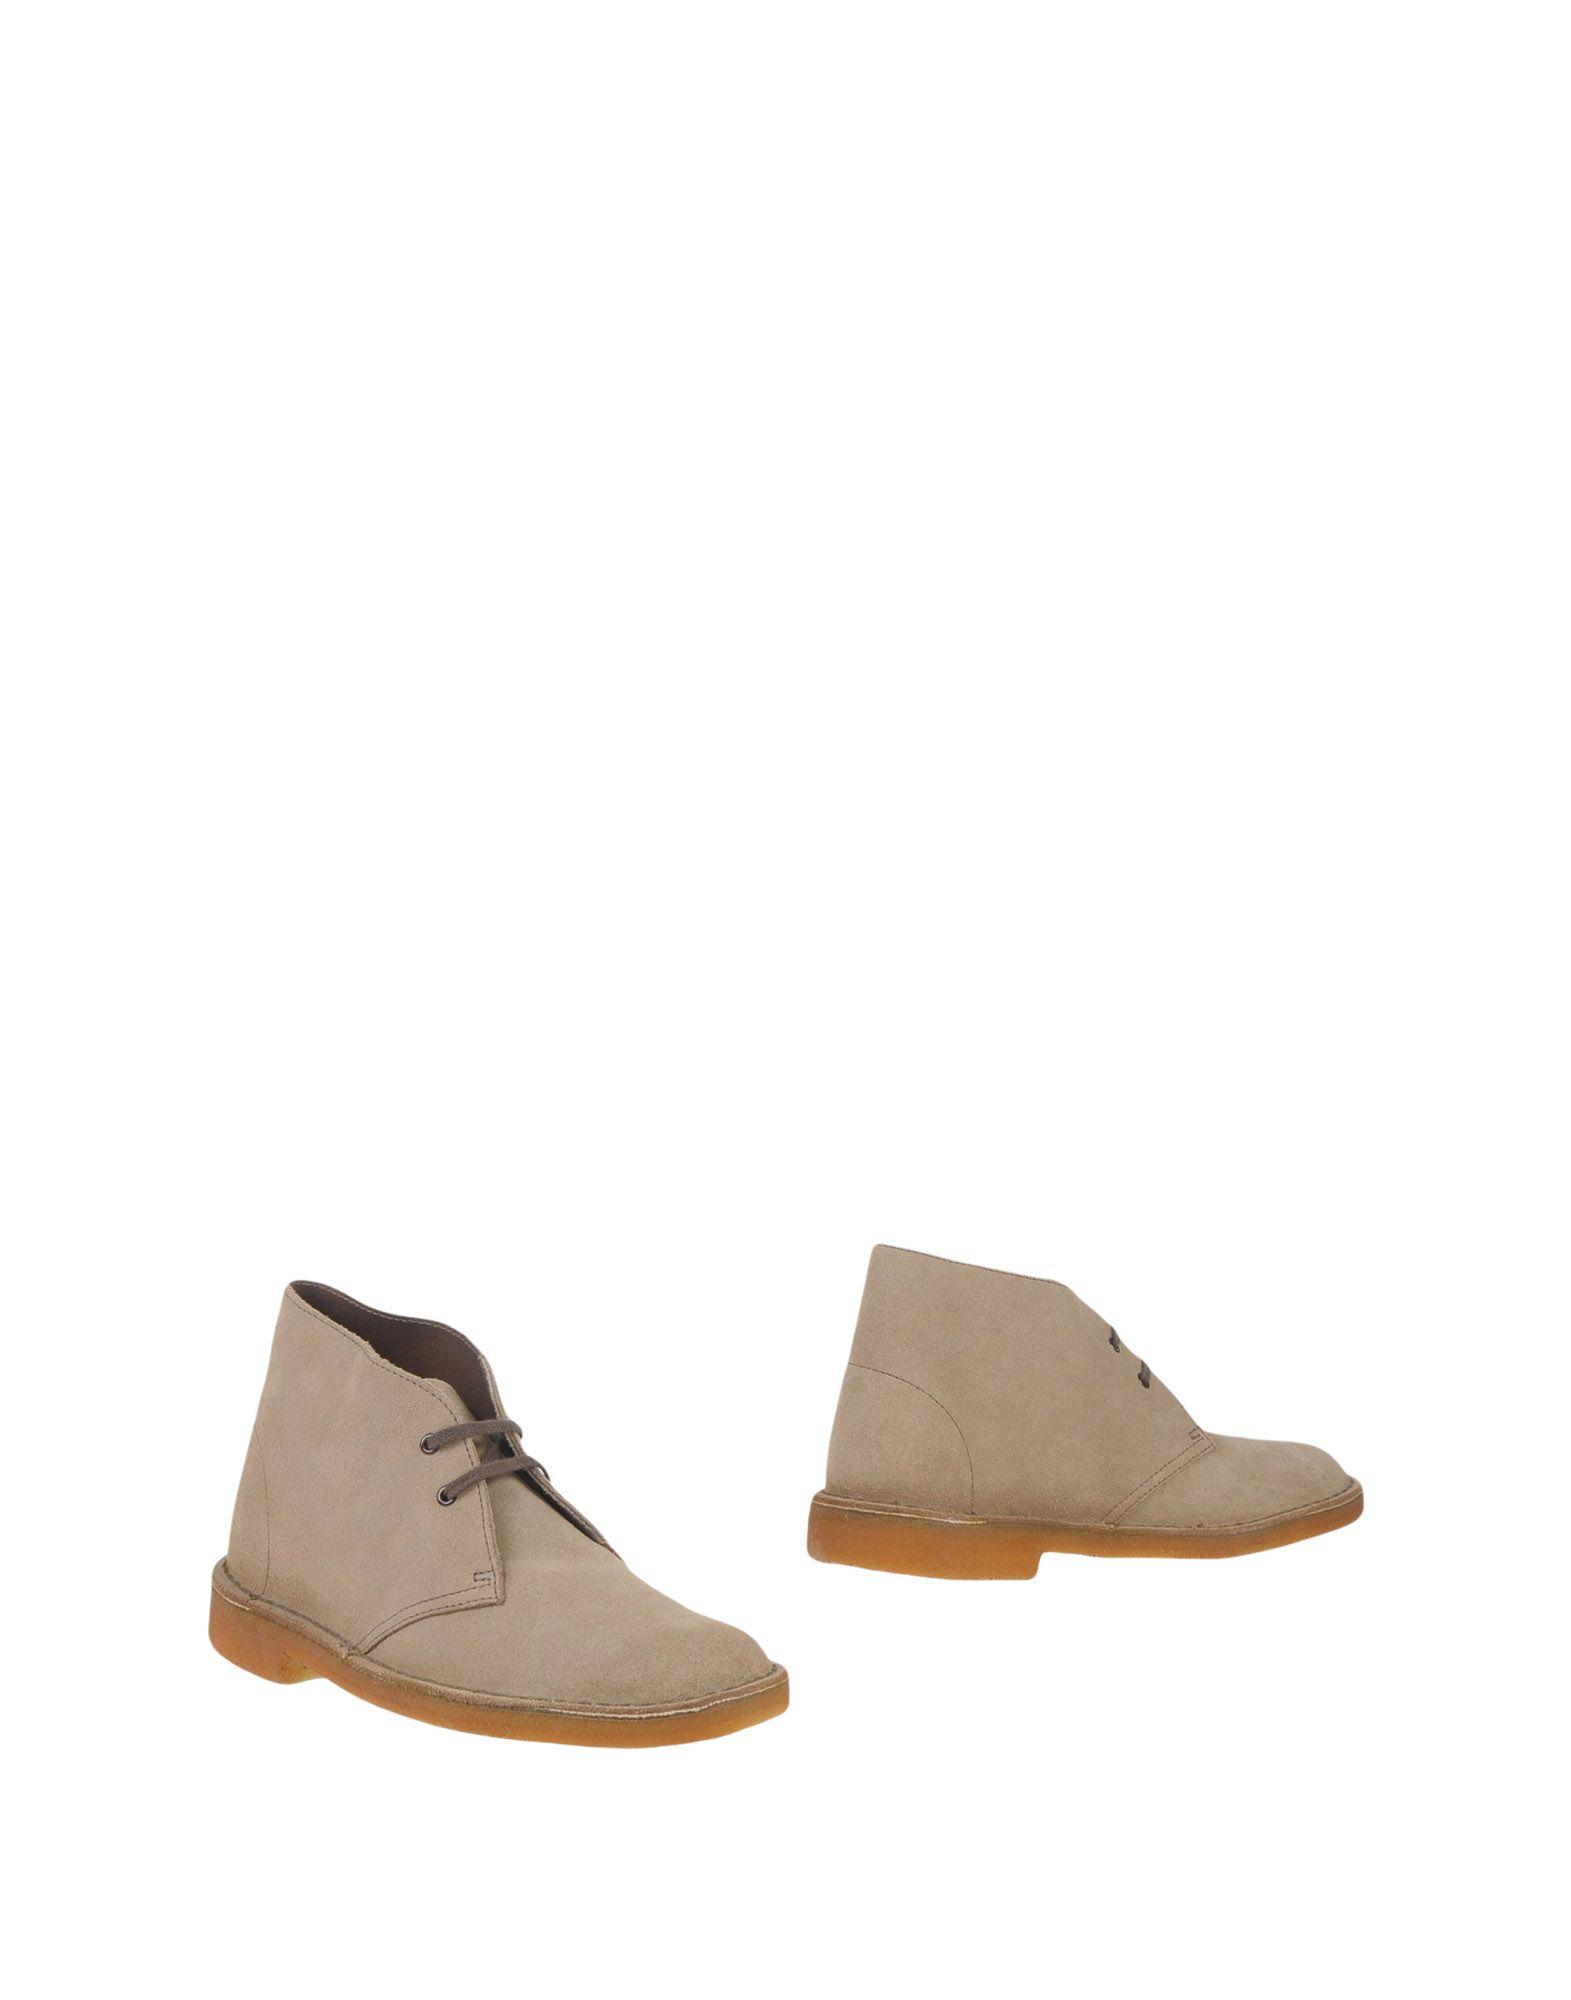 CLARKS ORIGINALS Полусапоги и высокие ботинки цена